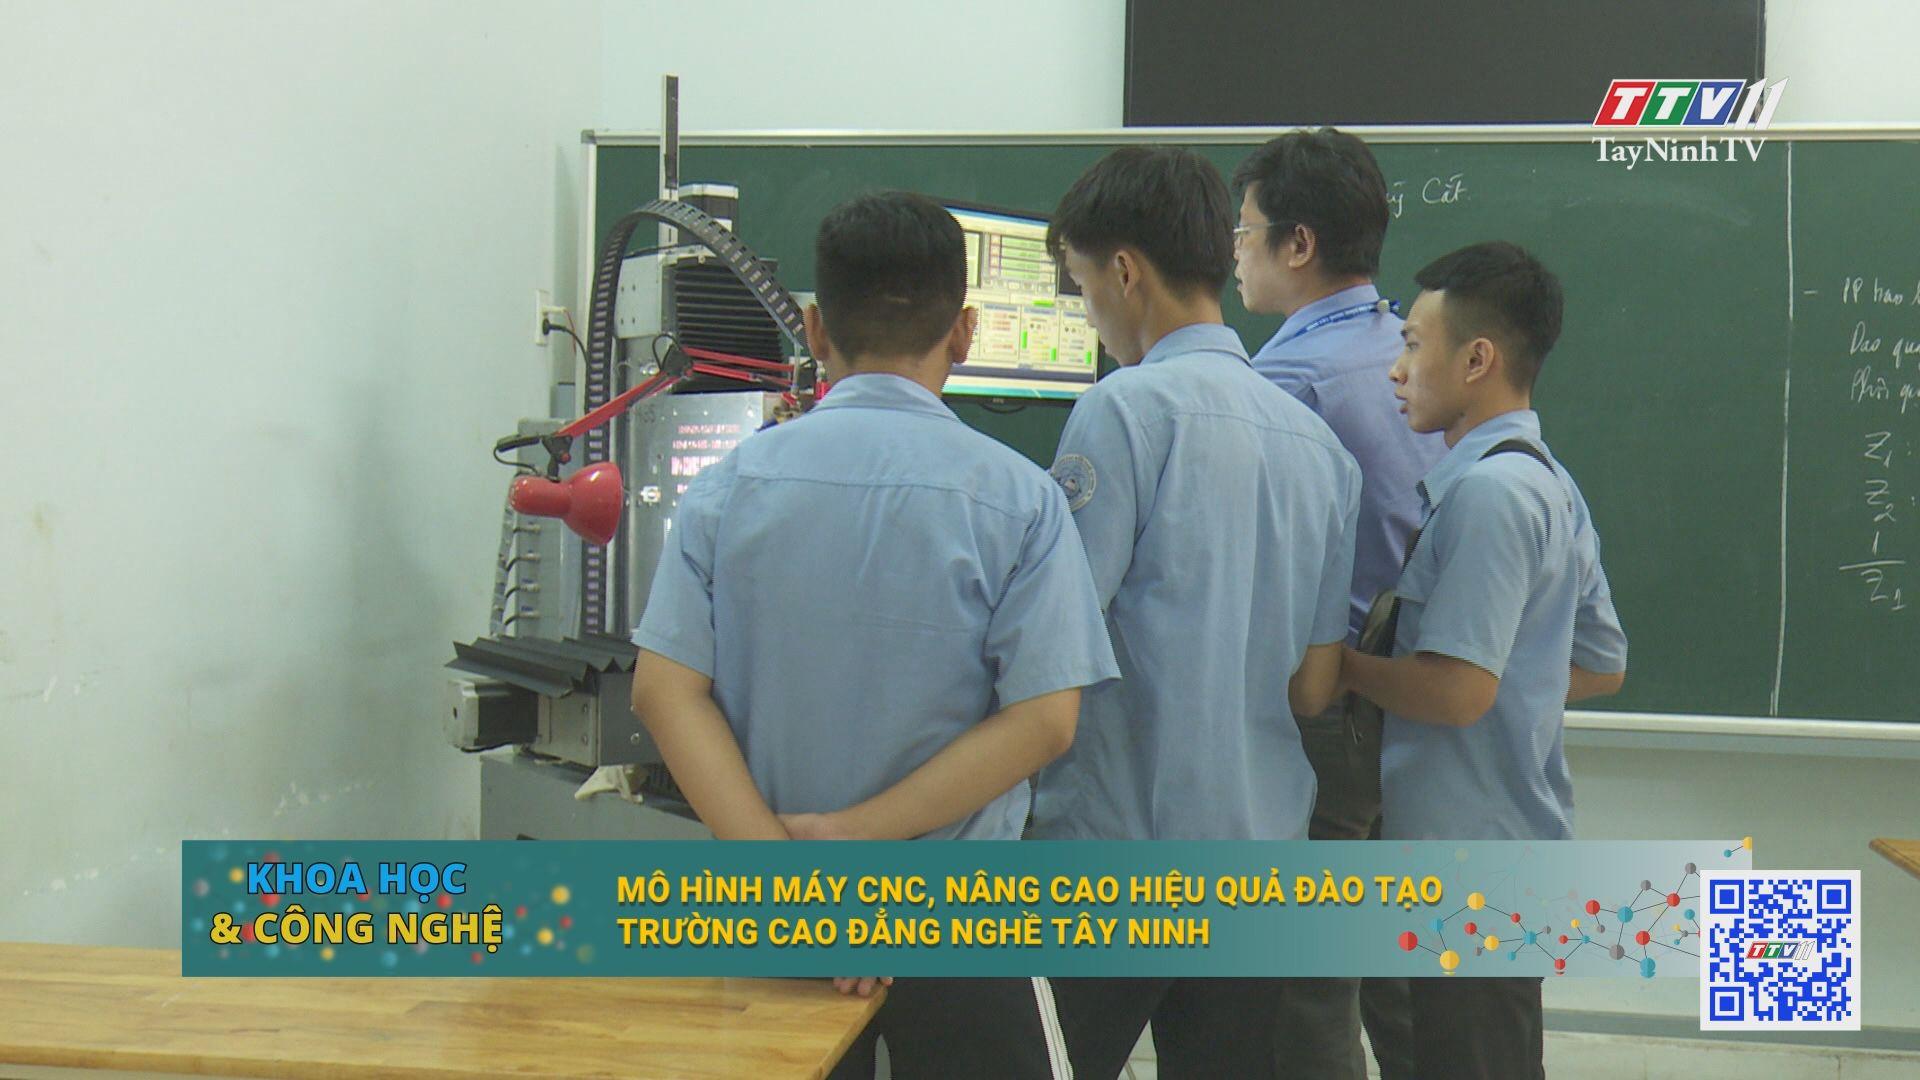 Mô hình máy CNC, nâng cao hiệu quả đào tạo trường Cao đẳng Nghề Tây Ninh   KHOA HỌC CÔNG NGHỆ   TayNinhTV